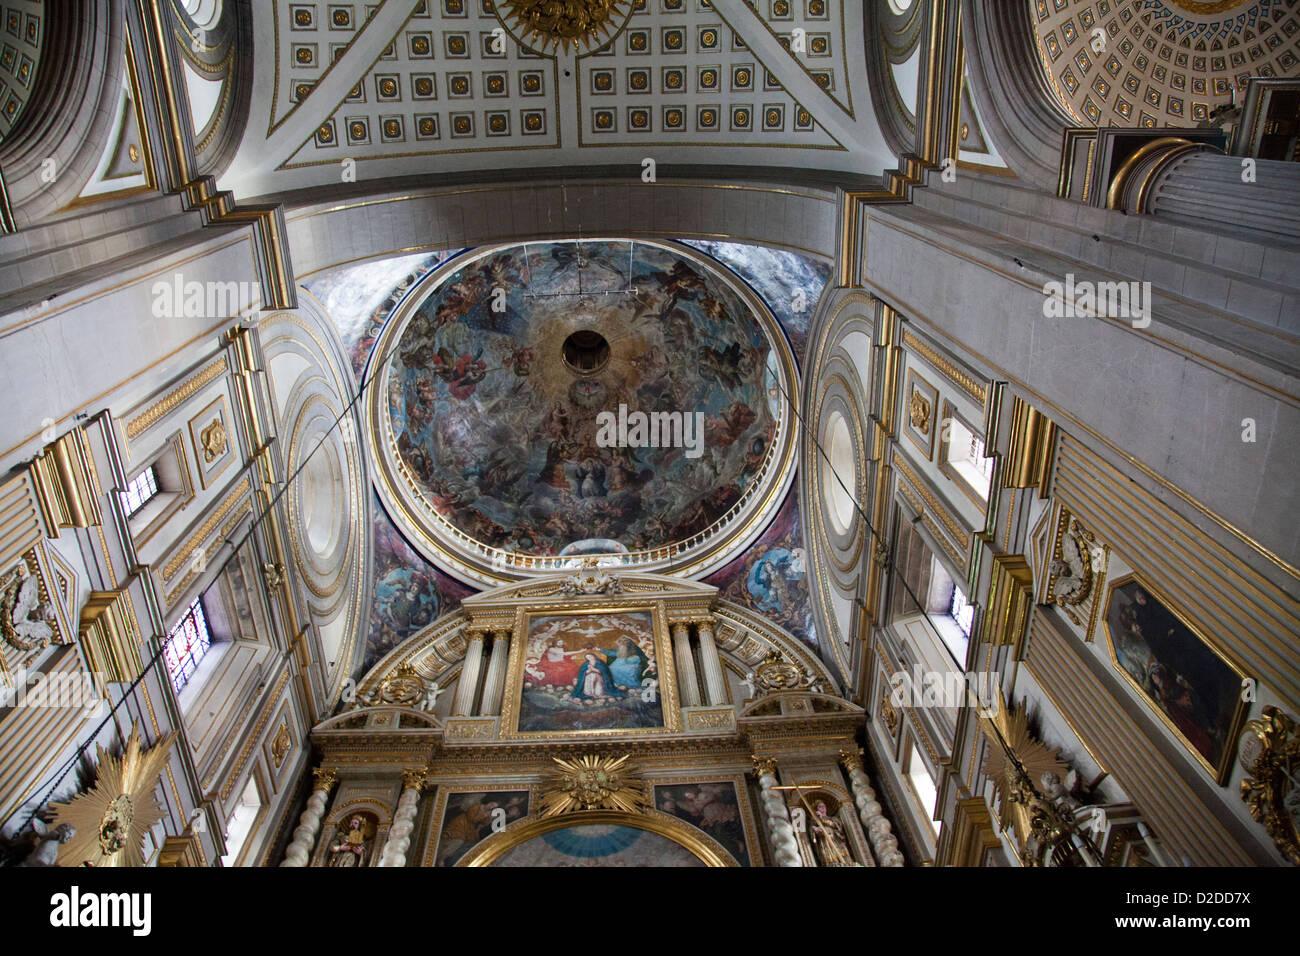 Puebla Catedral Altar of Chapel Royal wall Frescos in Puebla - Mexico - Stock Image